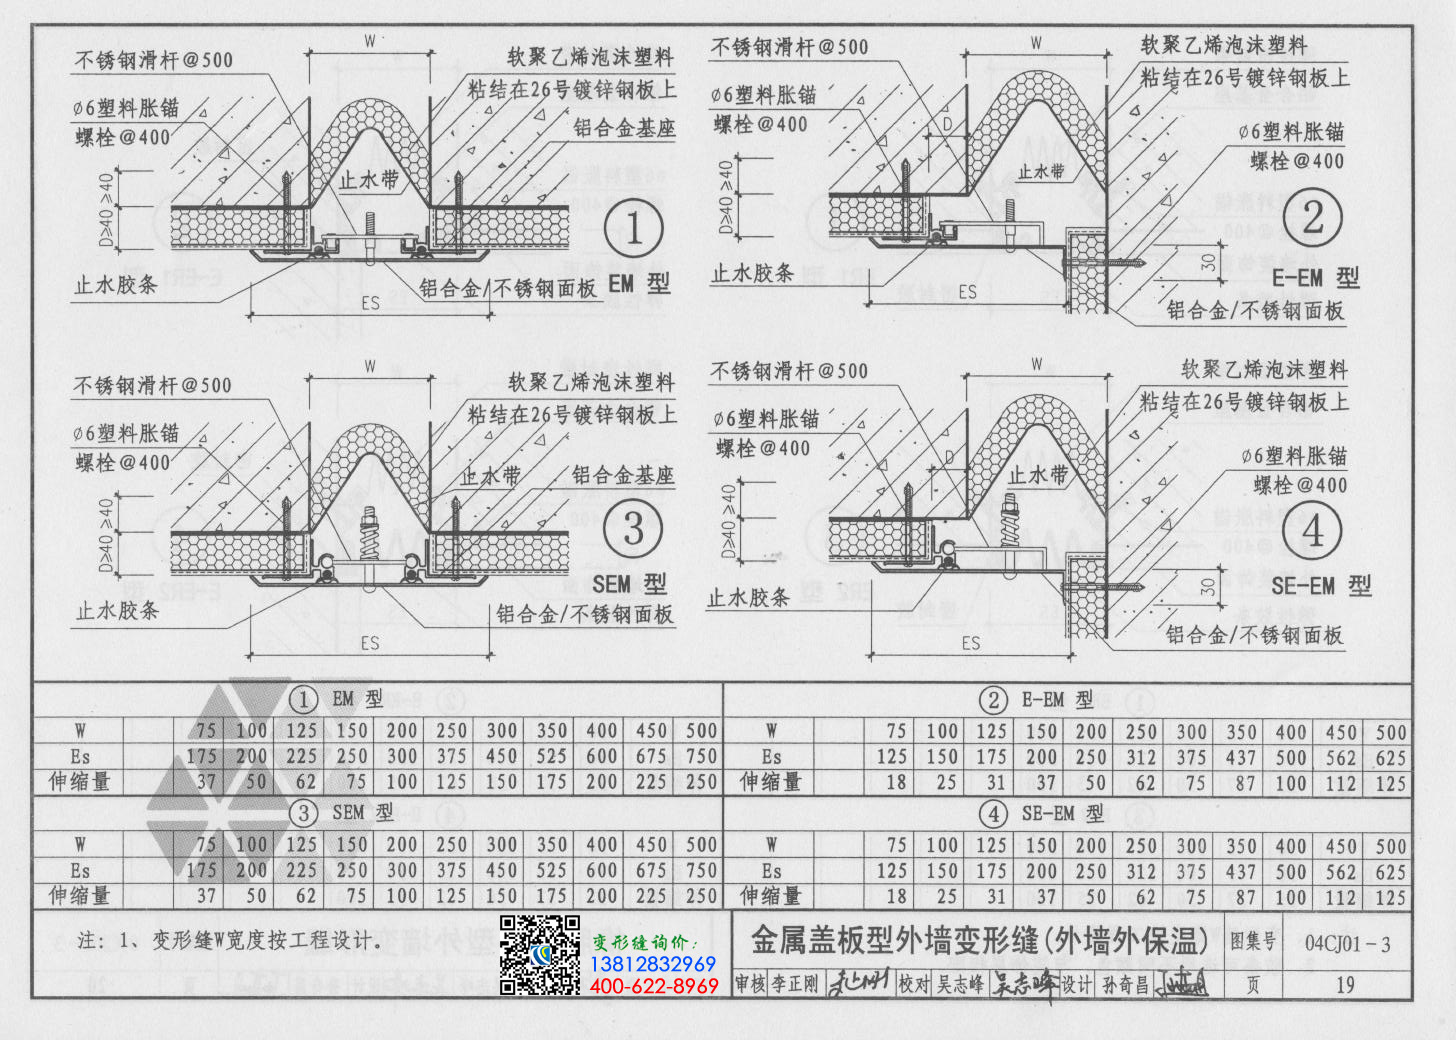 变形缝图集04cj01-3第19页:金属盖板型外墙变形缝(外墙外保温)